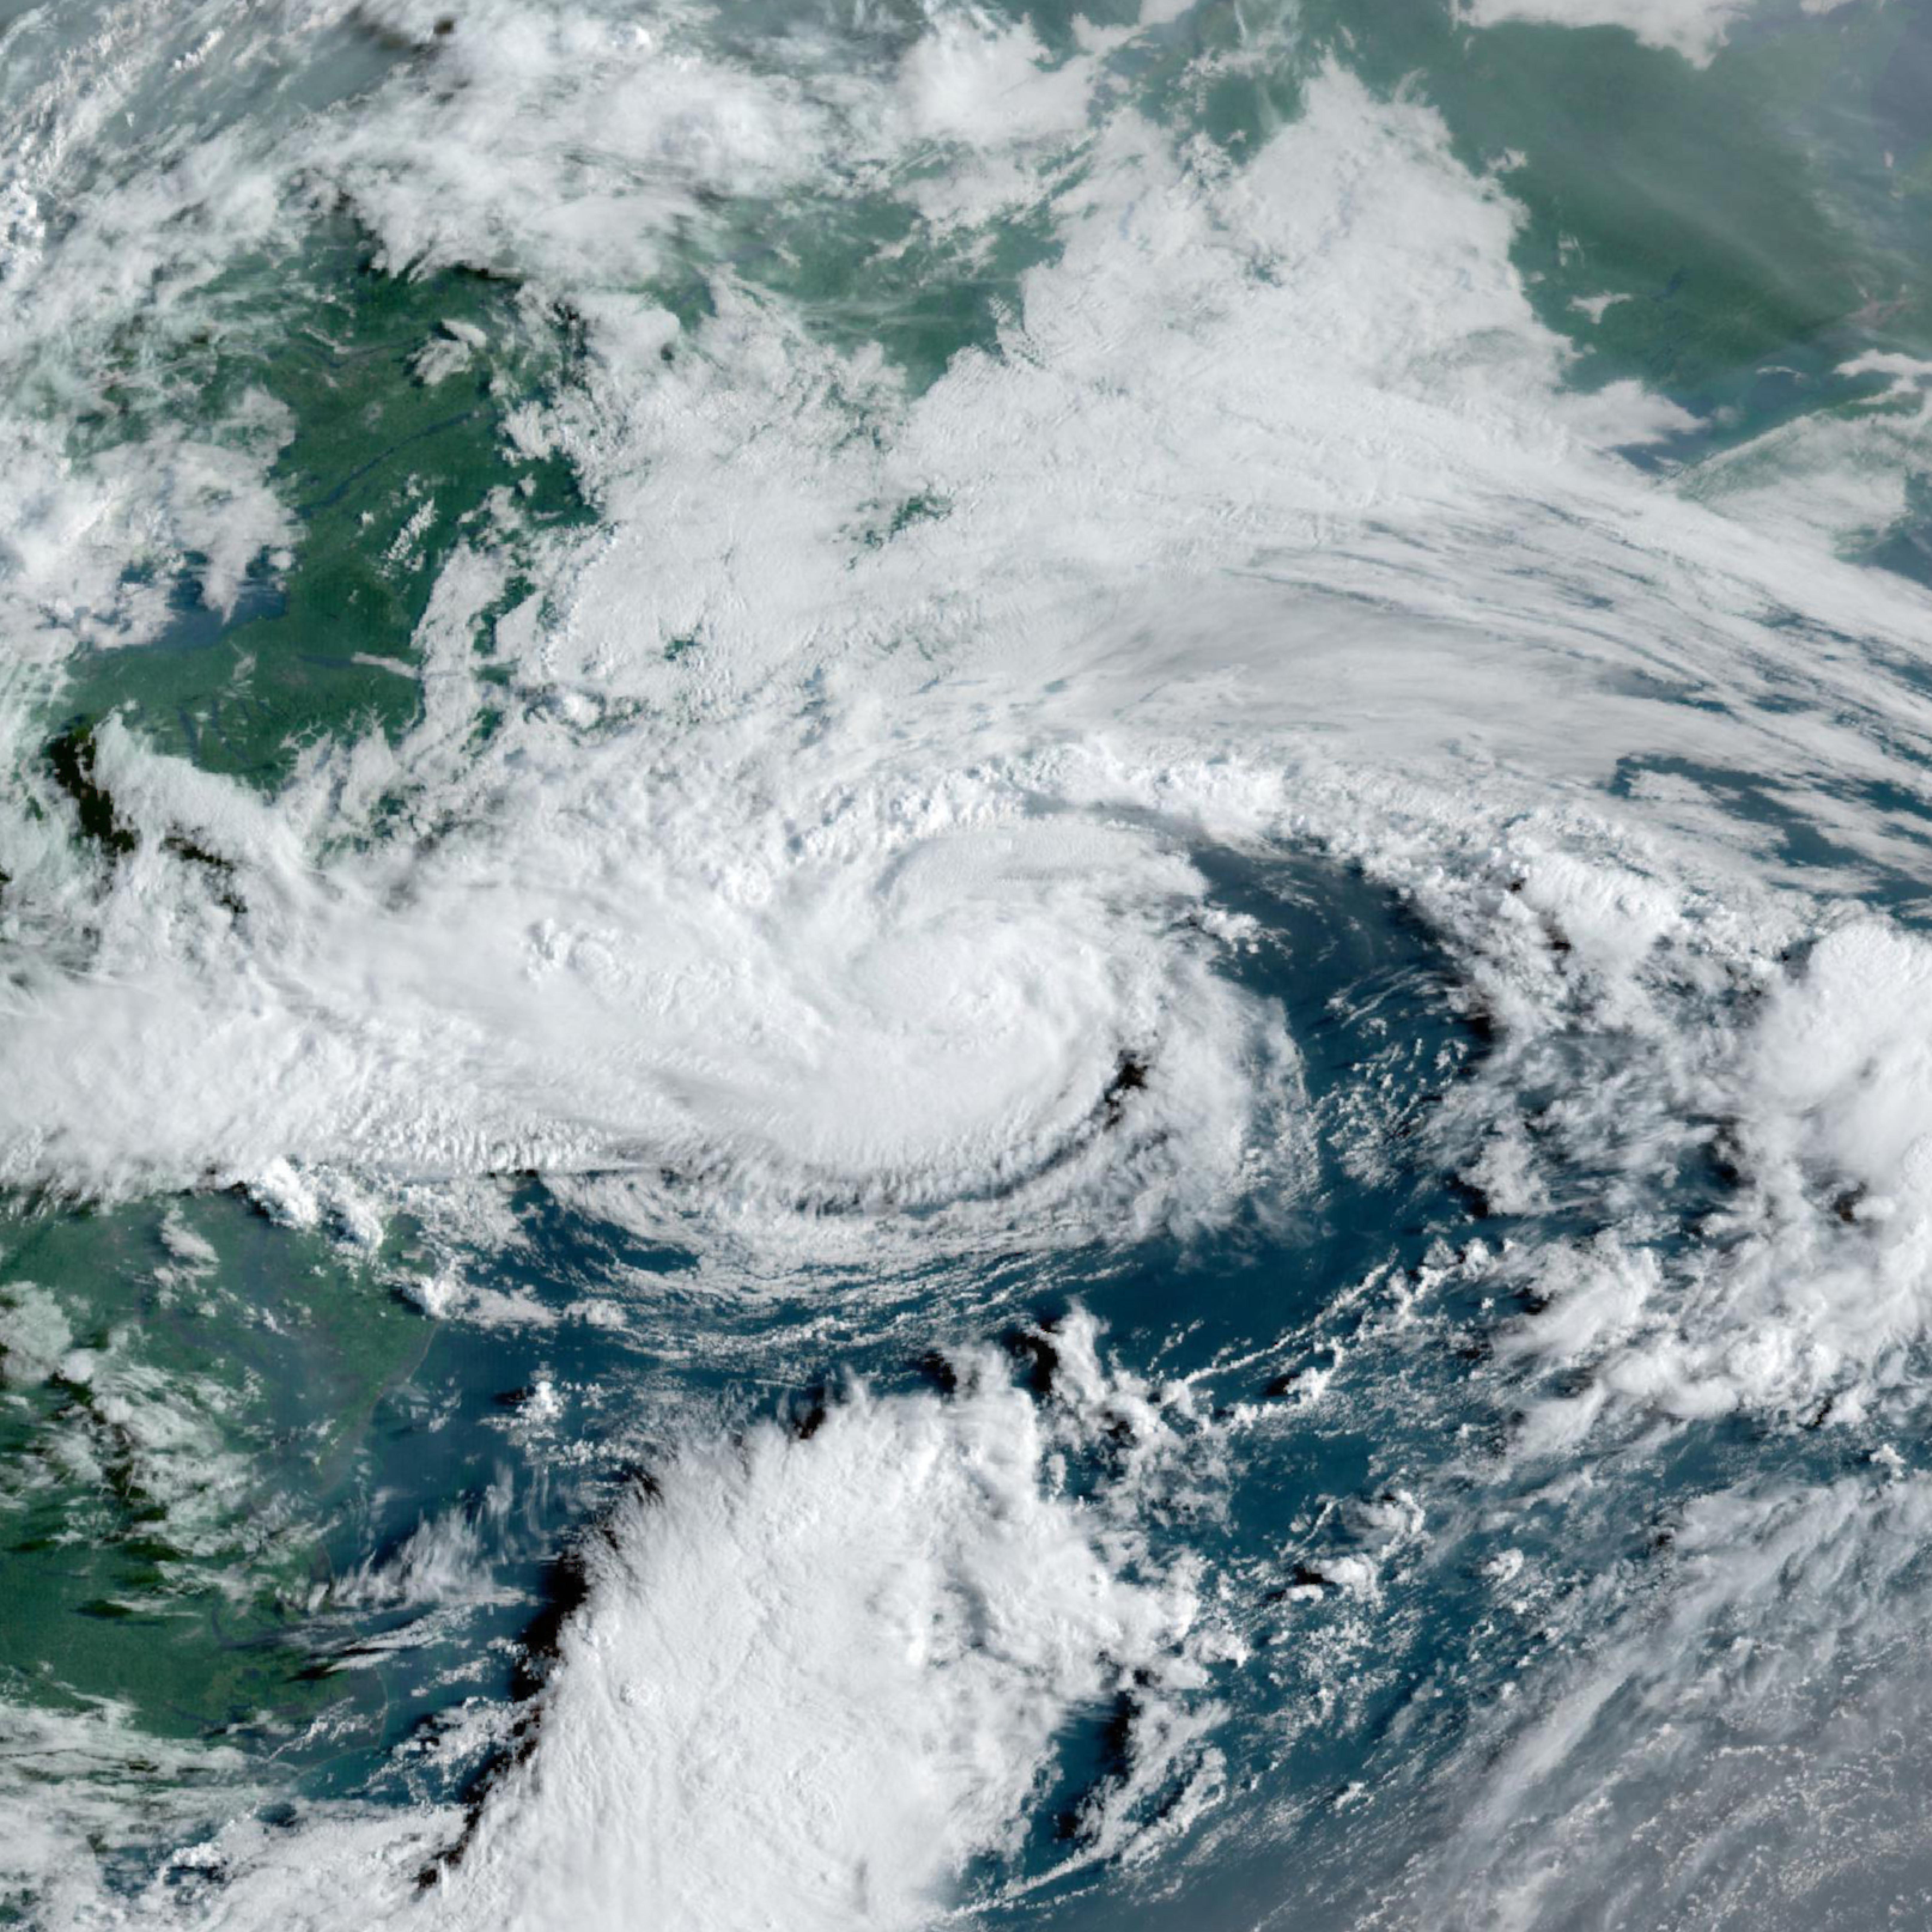 Flooding Devastates Tennessee and Northeast U.S.